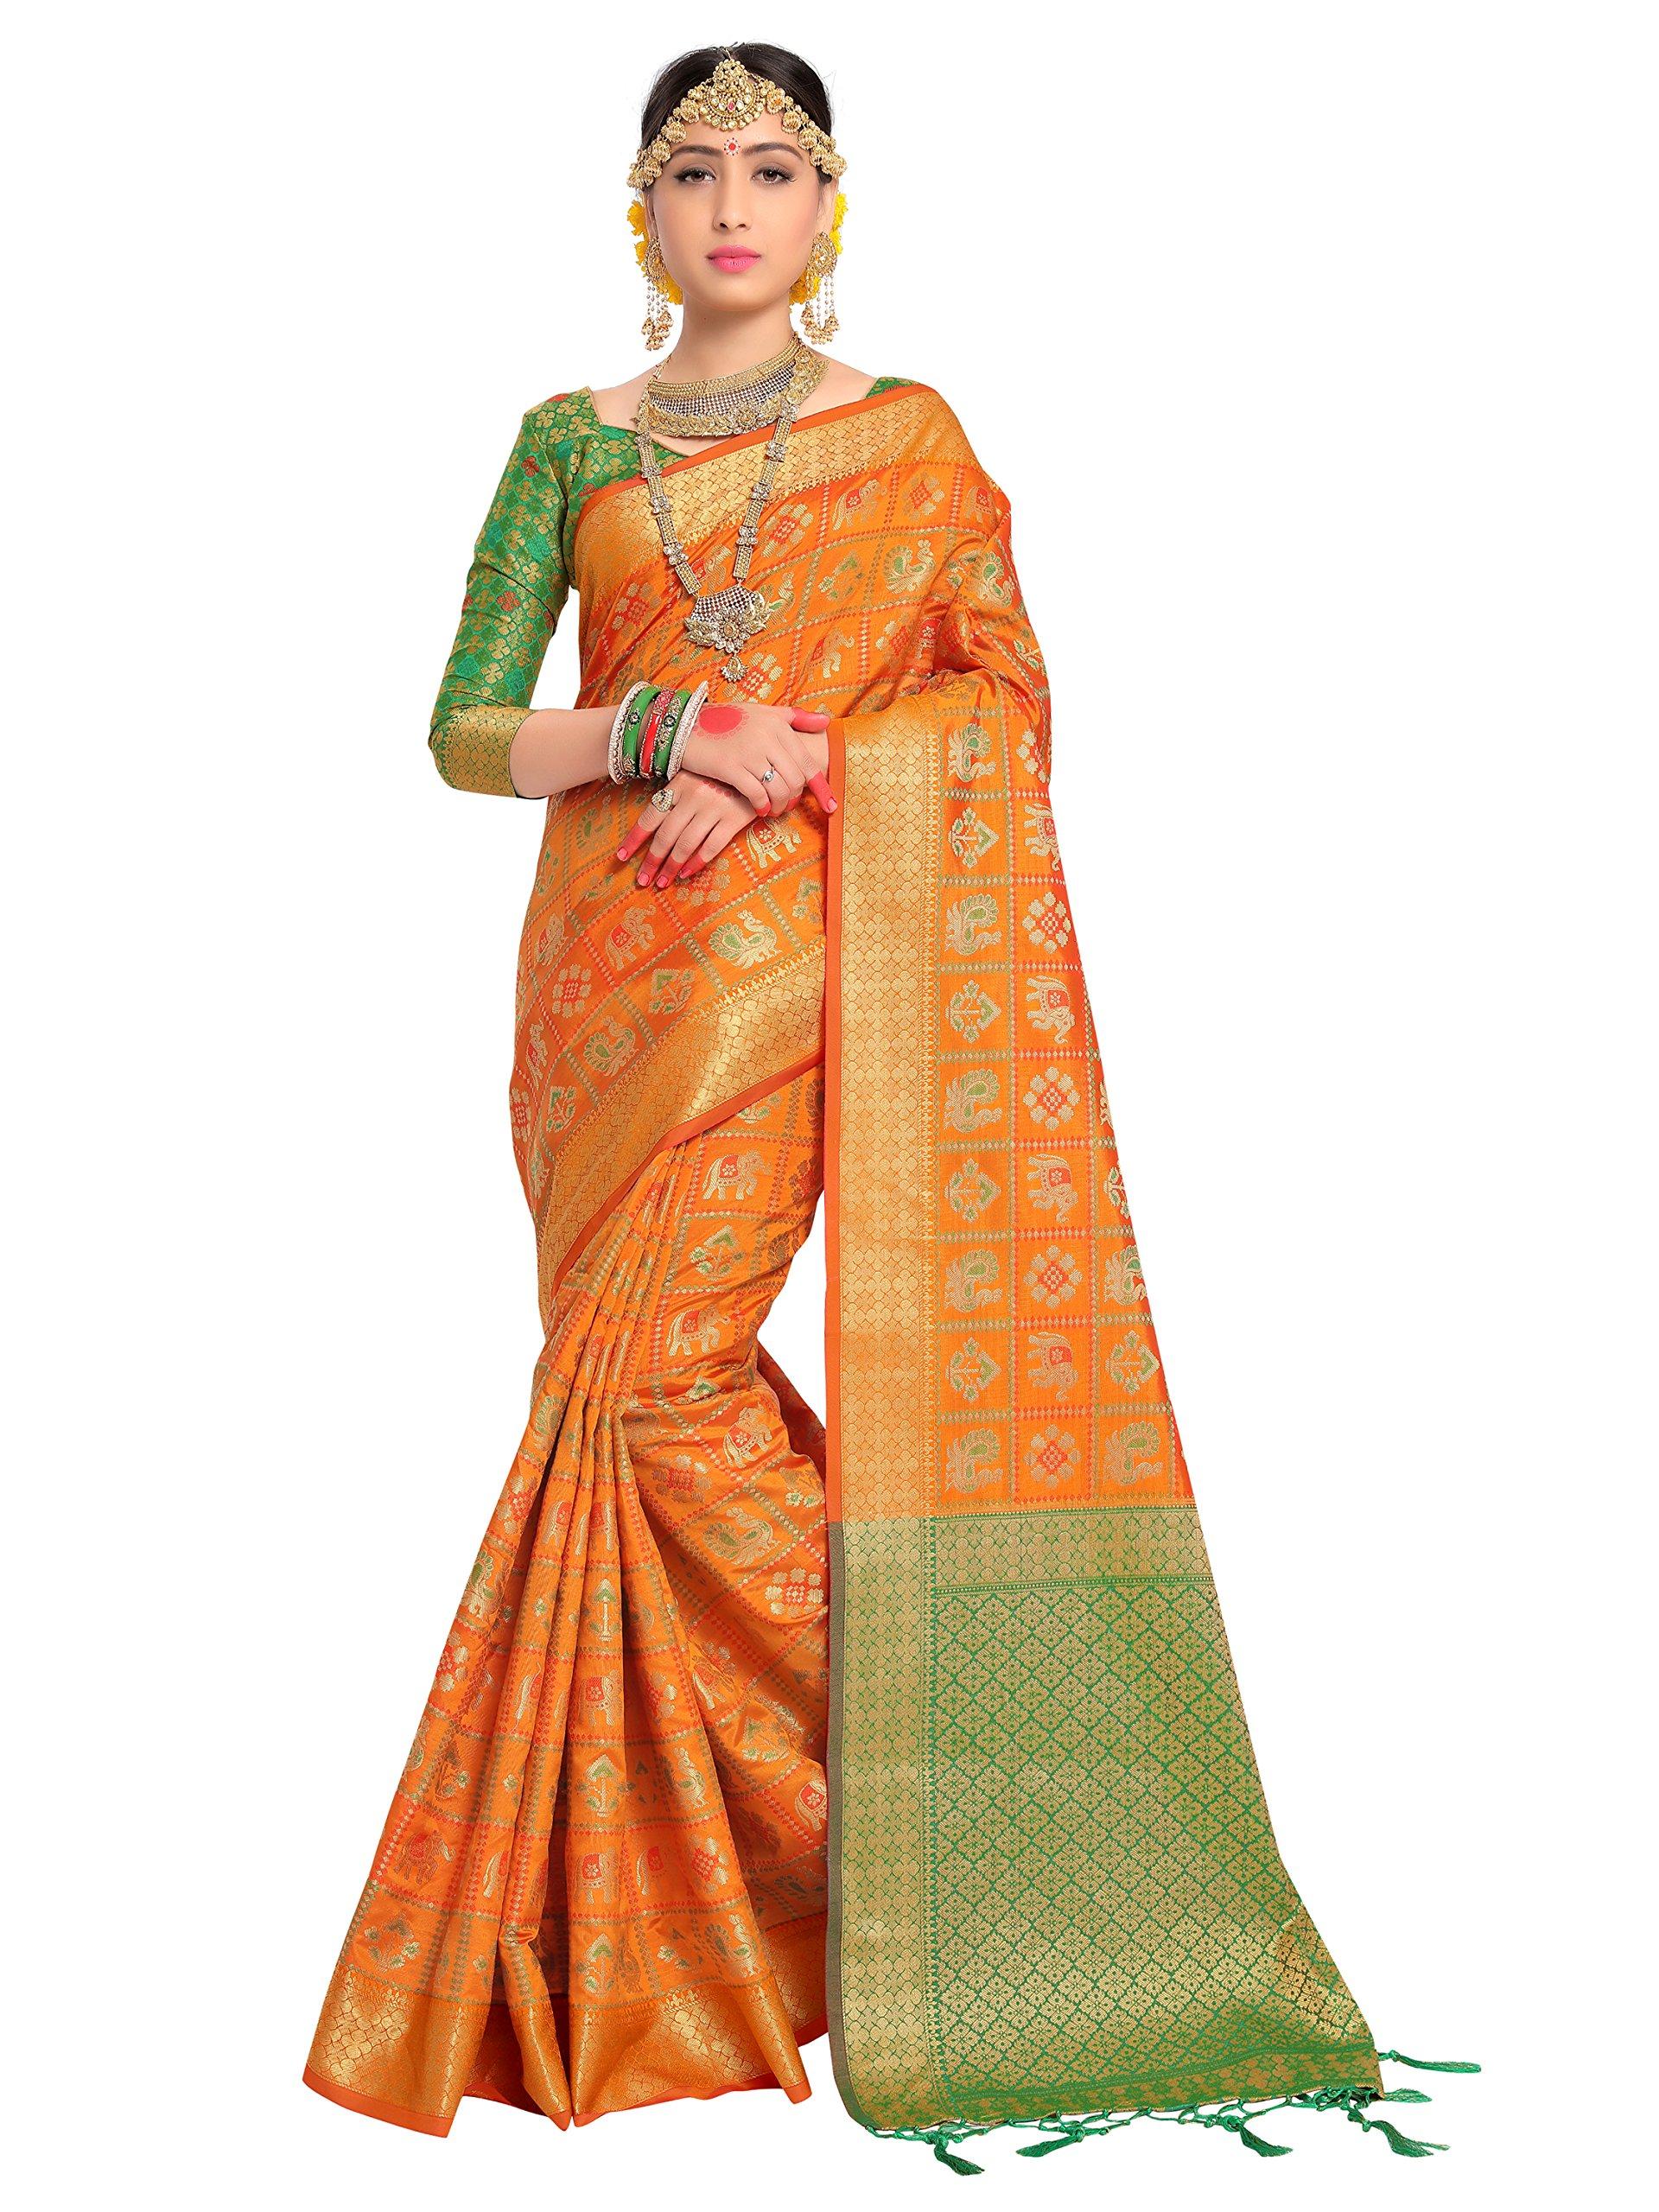 ELINA FASHION Sarees for Women Patola Art Silk Woven Work Saree l Indian Wedding Ethnic Sari & Blouse Piece (Orange)